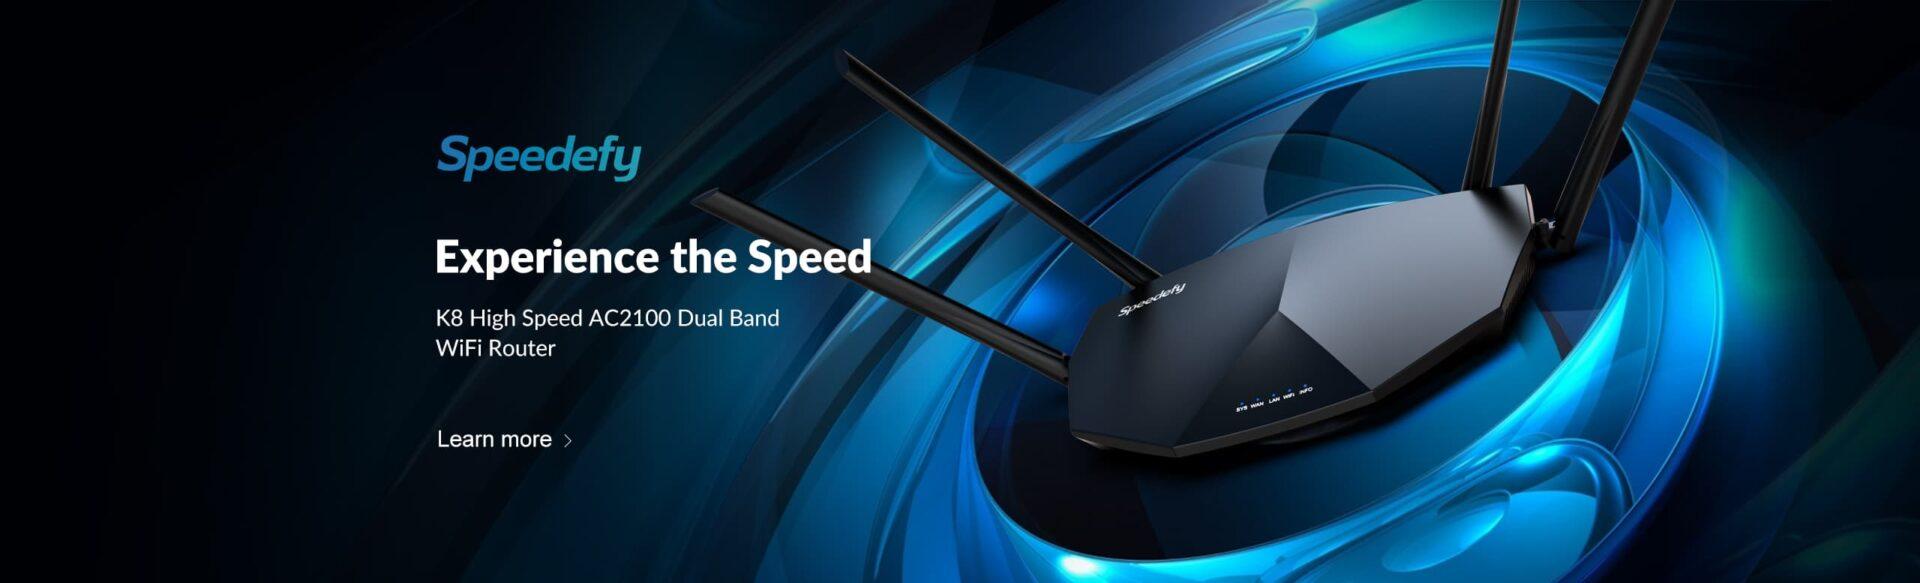 speedefy k8 high speed wifi router headline banner